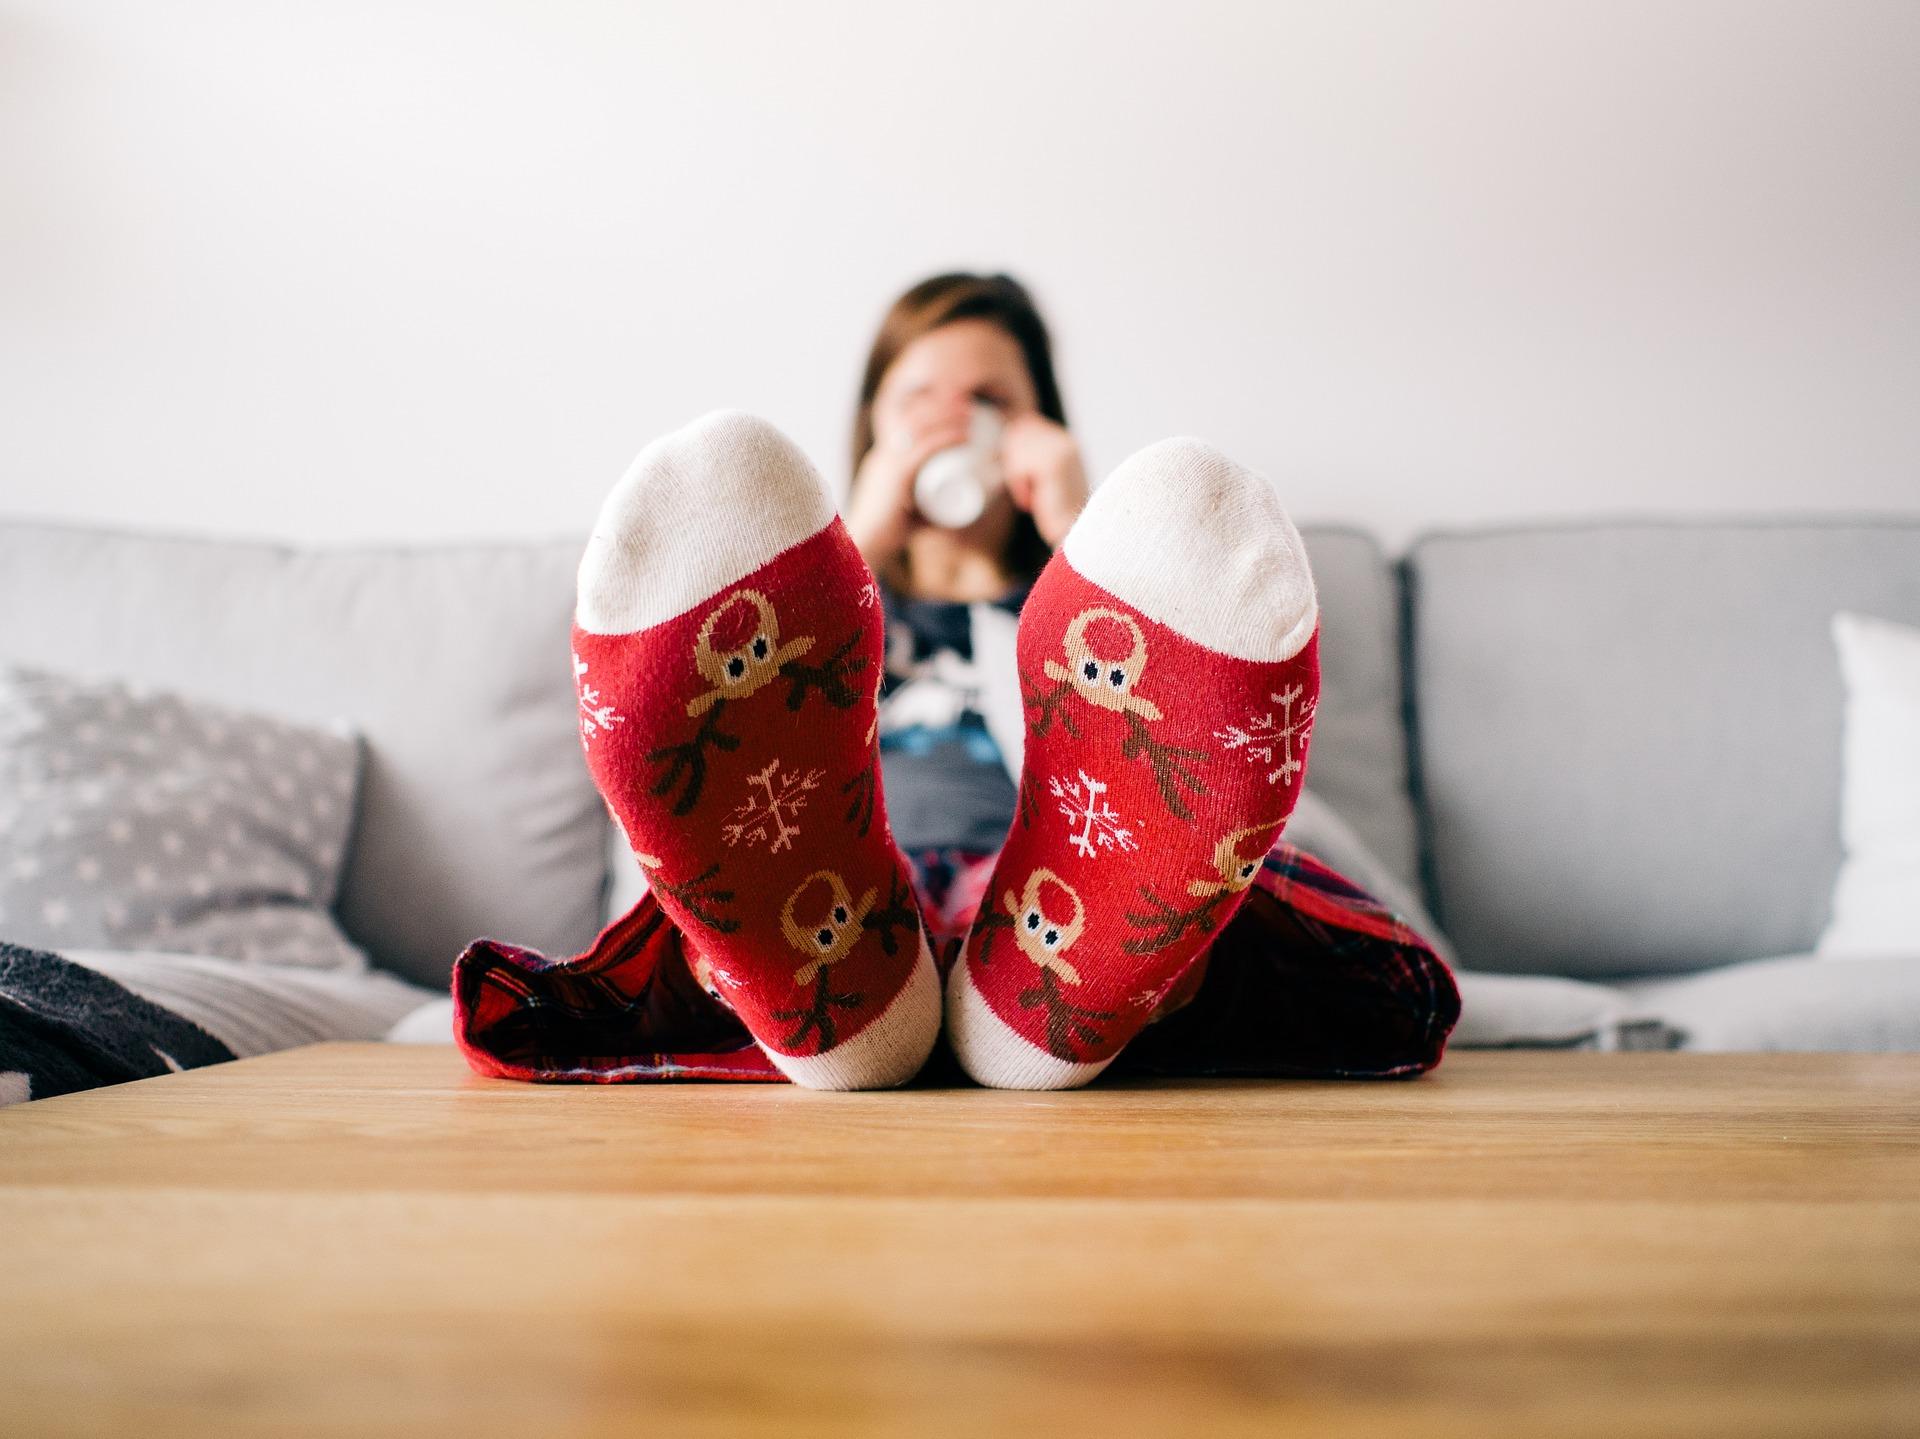 kvinde drikker kaffe med fødderne oppe